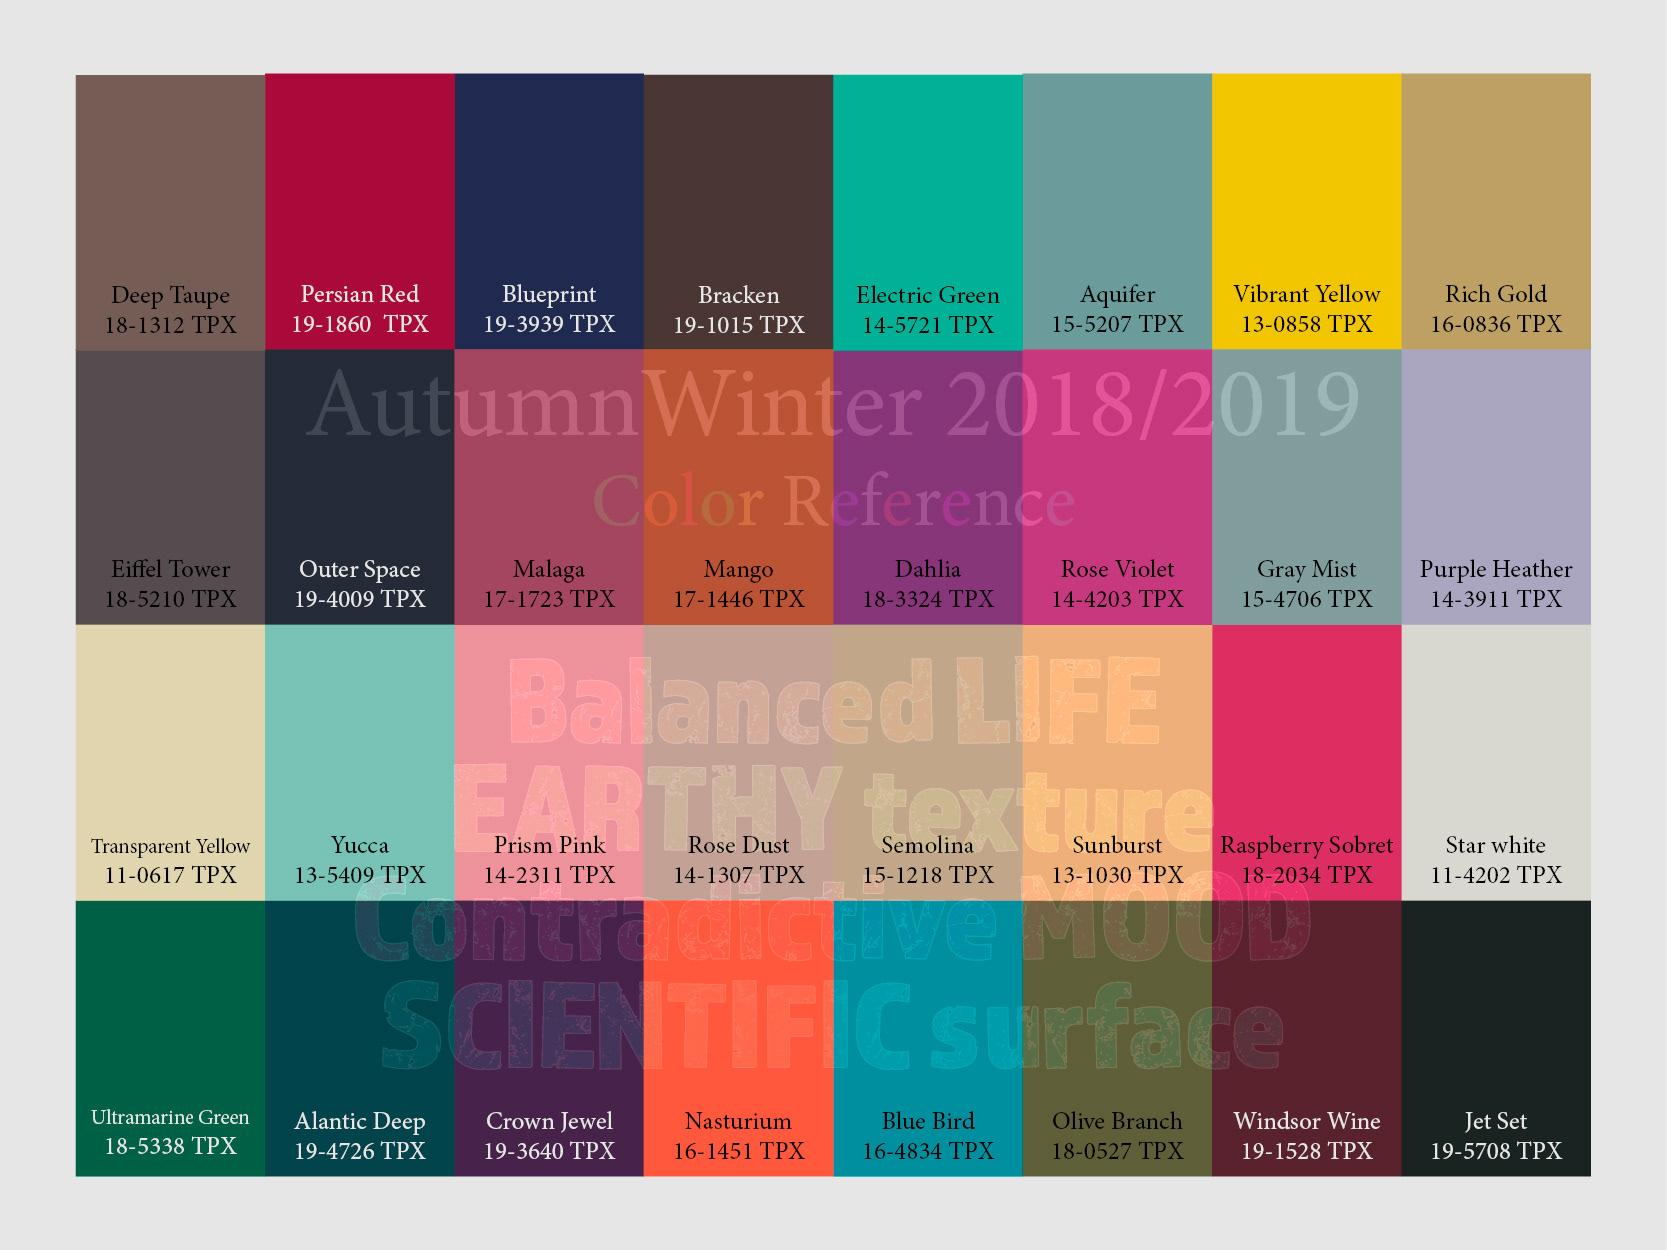 2018 Fall Color Predictions